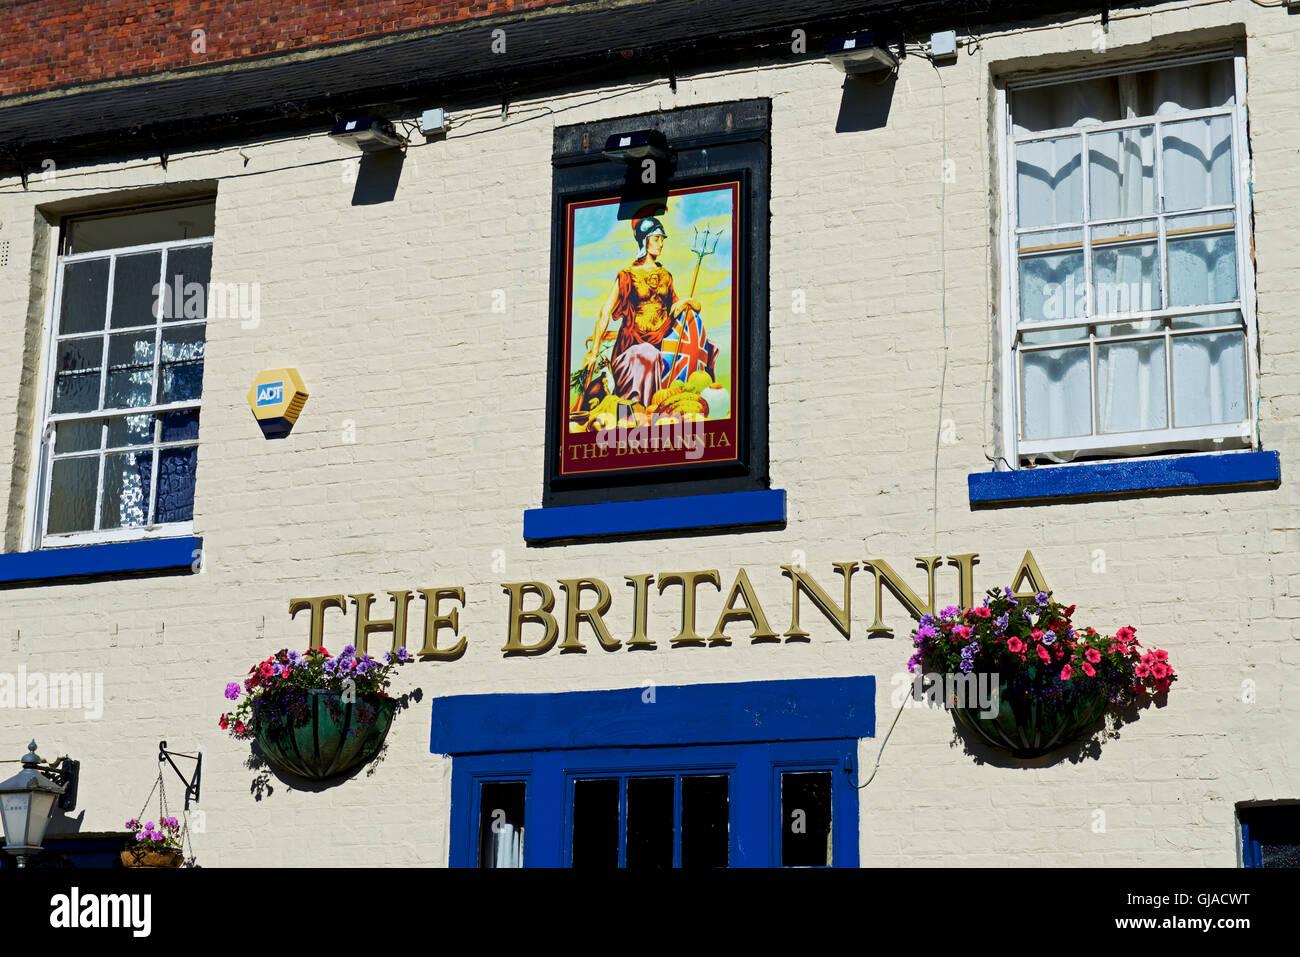 Il Britannia pub in Darlington, County Durham, England Regno Unito Immagini Stock